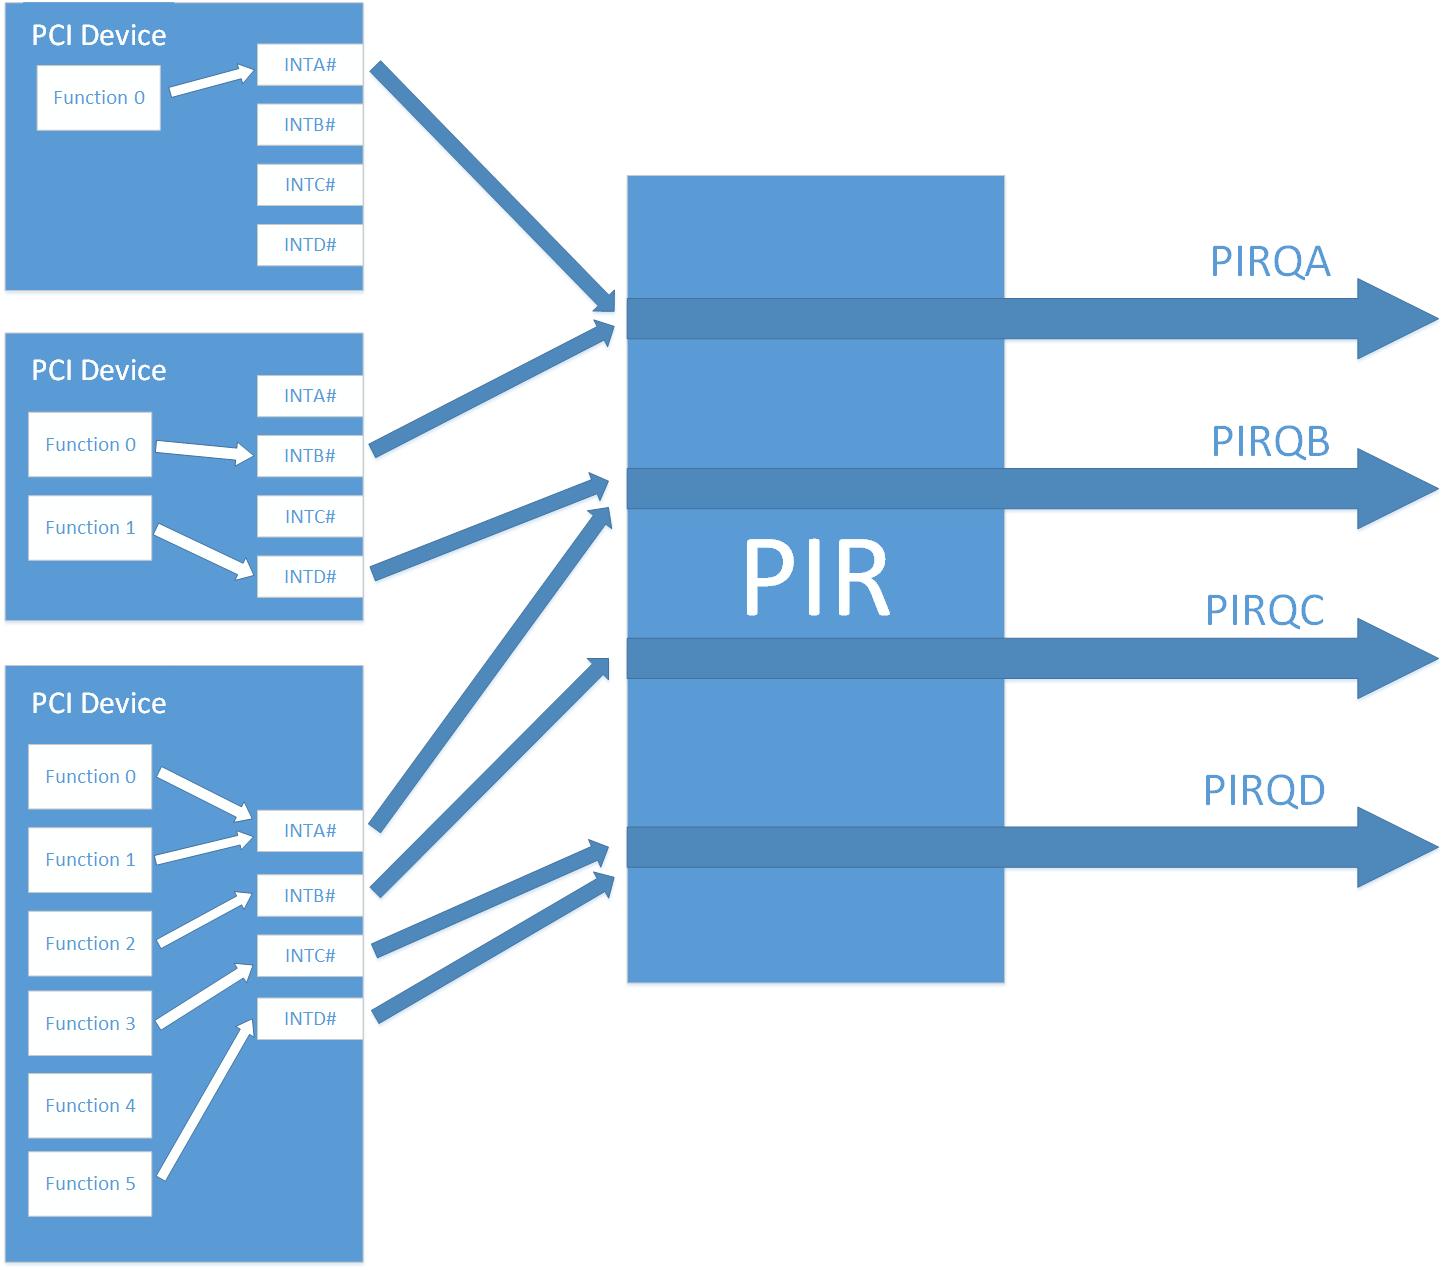 Прерывания от внешних устройств в системе x86. Часть 3. Настройка роутинга прерываний в чипсете на примере coreboot - 3